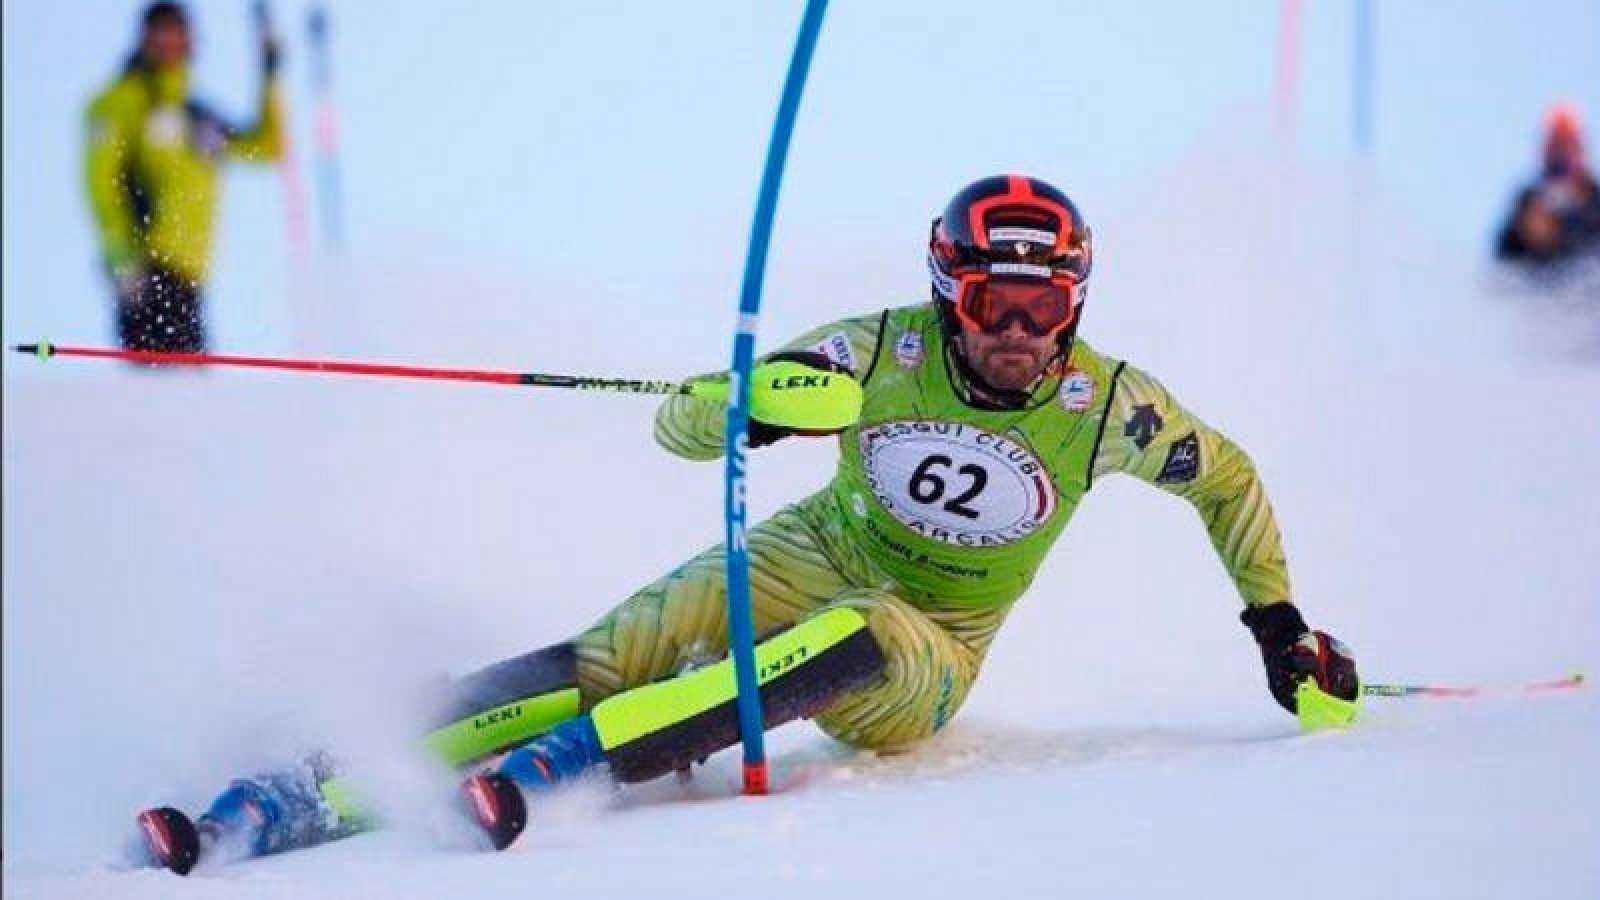 Quim Salarich estará en los Juegos de Pyeongchang 2018.